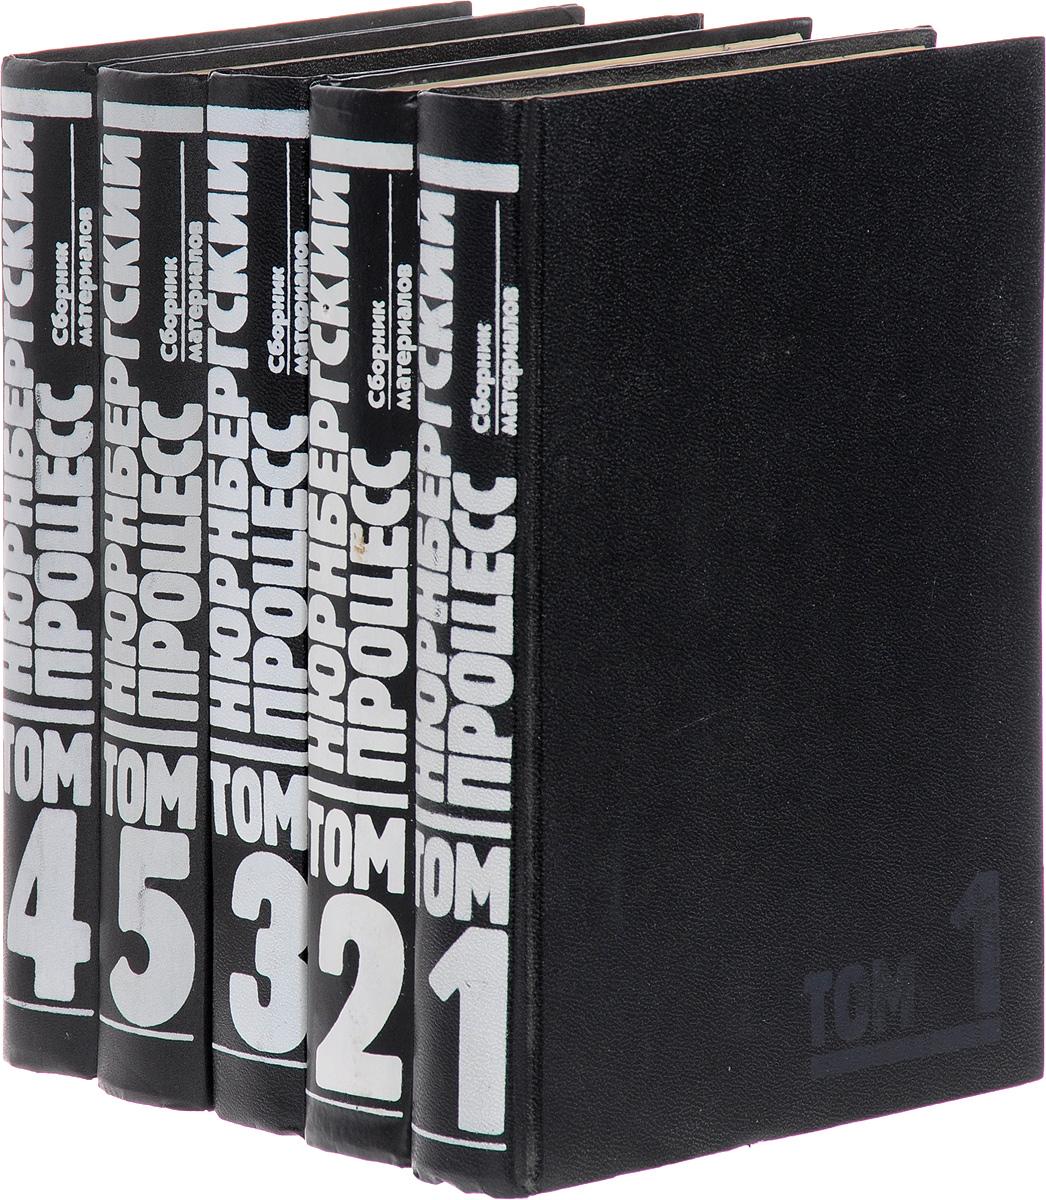 Нюрнбергский процесс. Сборник материалов (комплект из 5 книг)